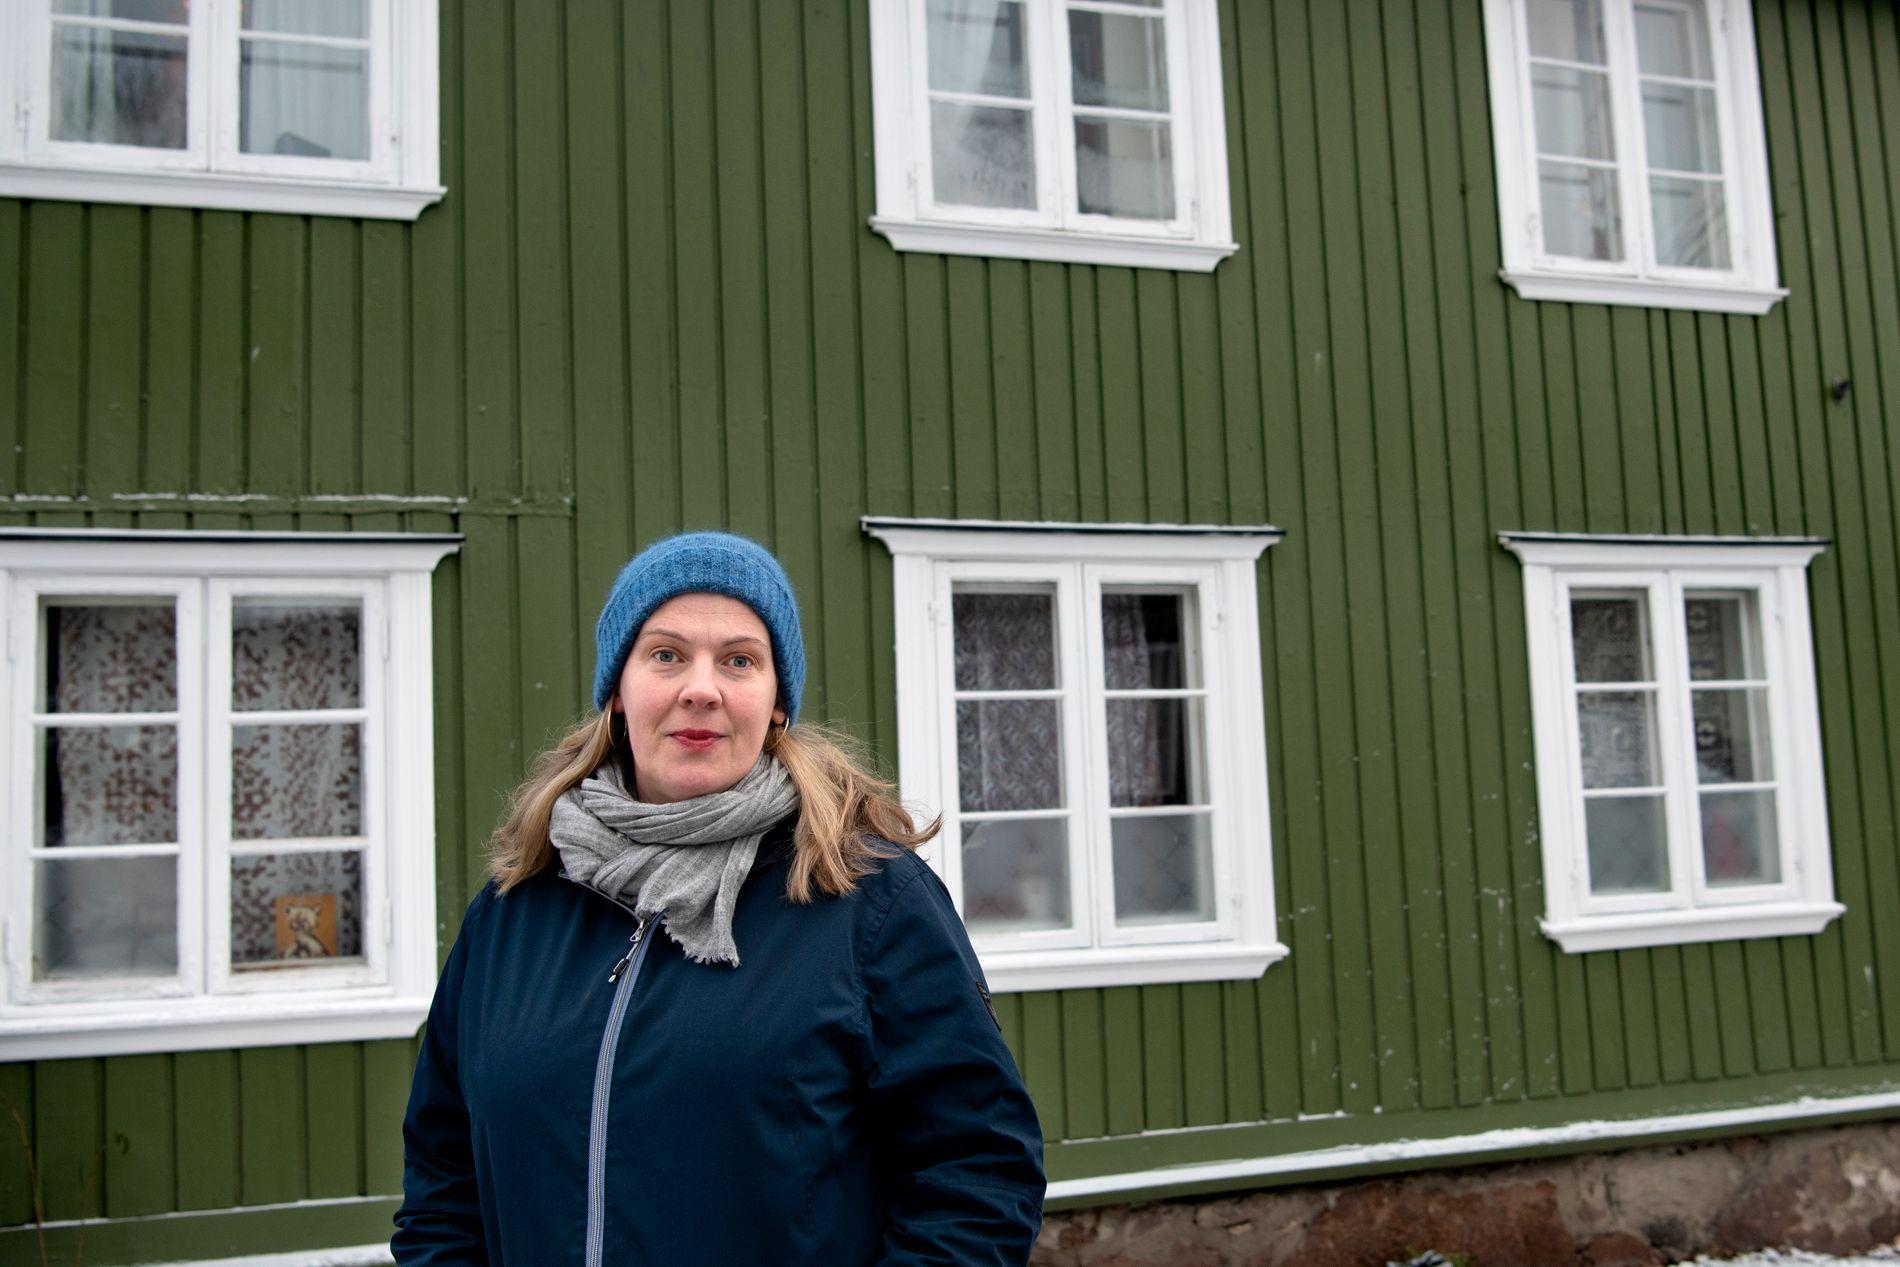 LETTET: Regissør bak stykket «Ways of Seeing» ved Black Box Teater i Oslo, Pia Maria Roll, håper saken får etterspill.